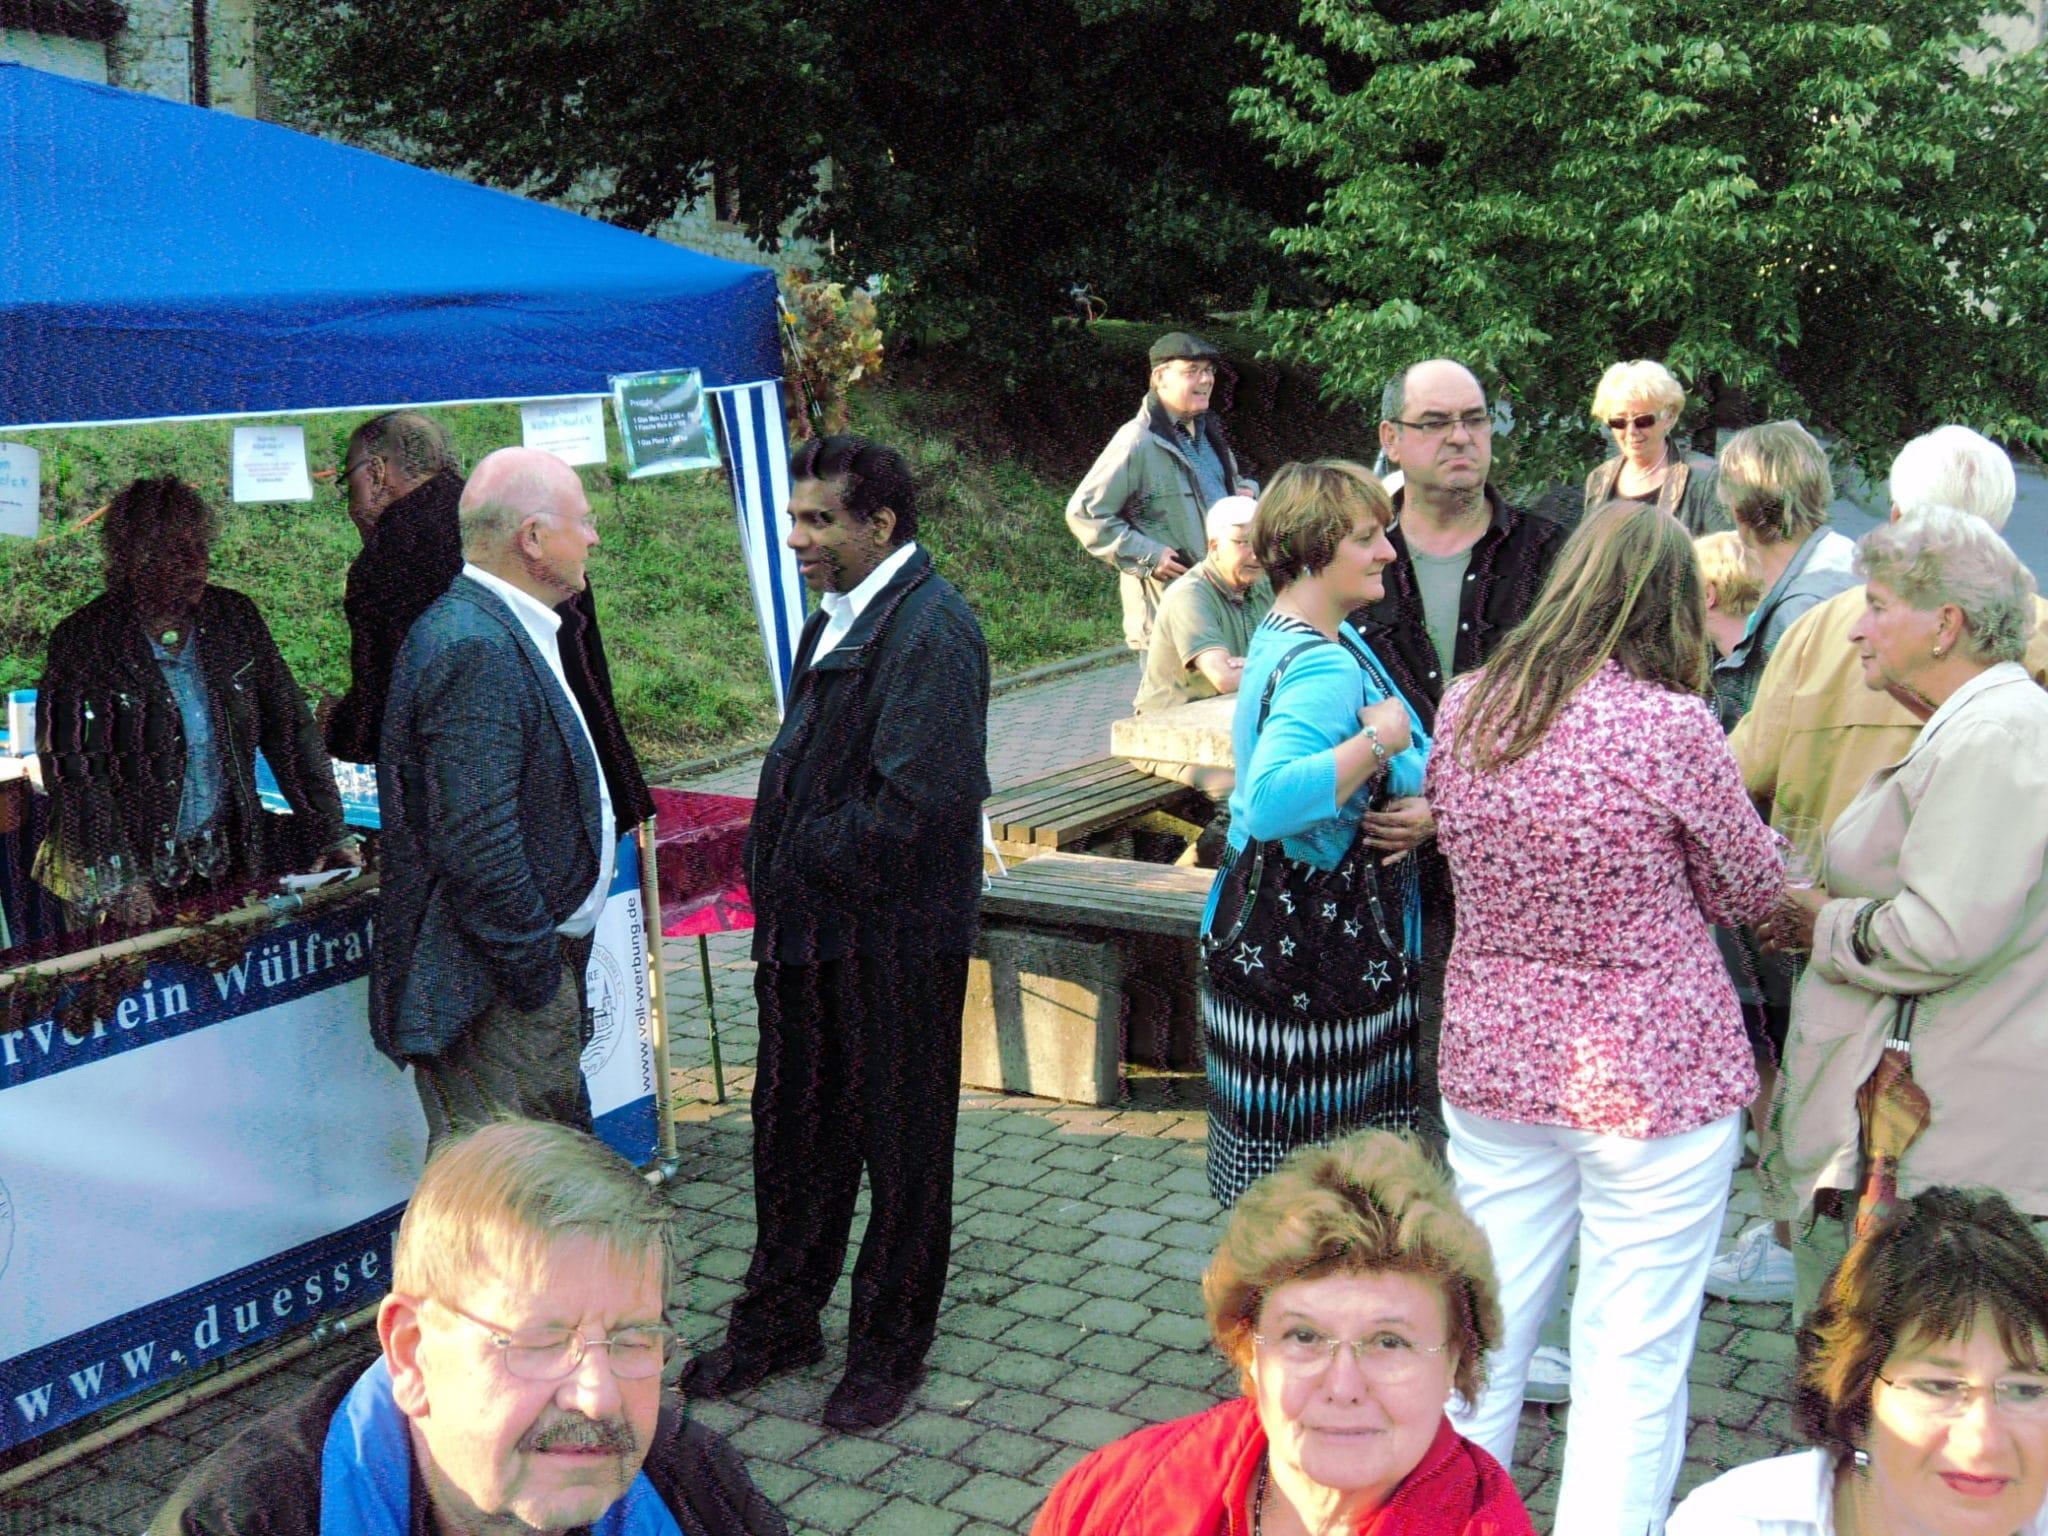 Kirchweihfest 07-2011Stand des Bürgervereins